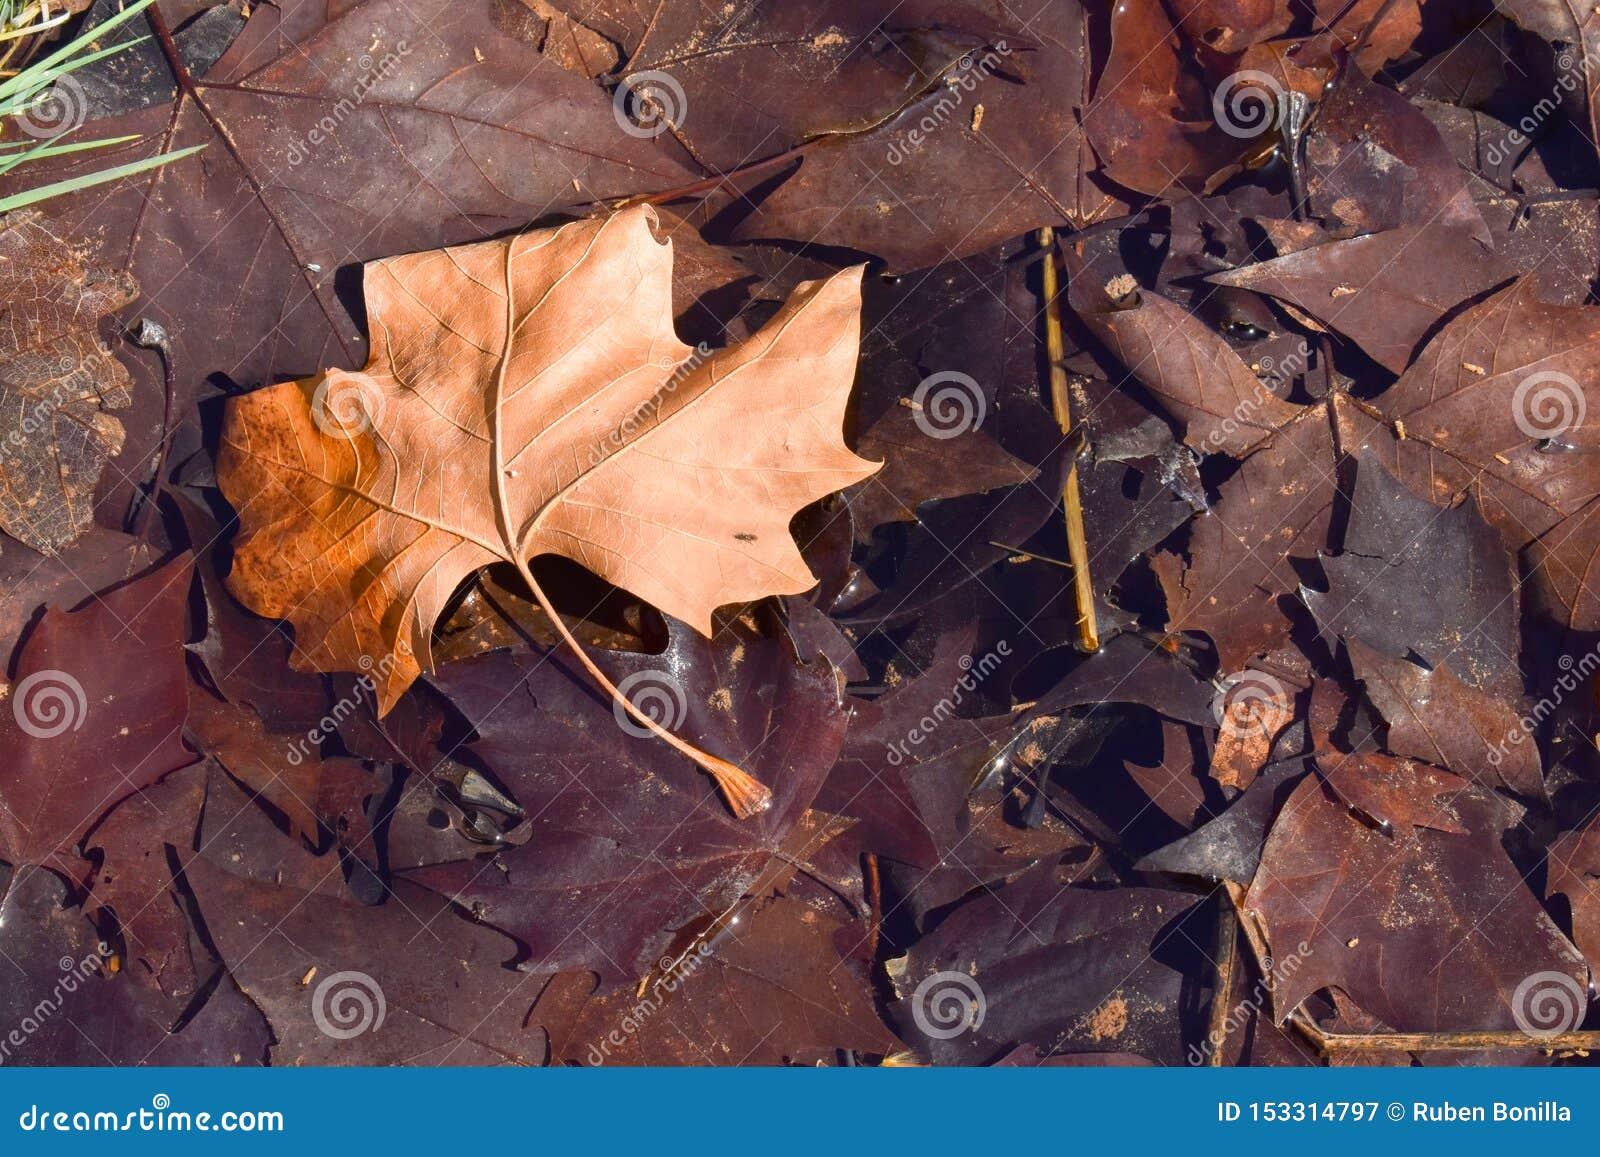 Próximo acima de uma folha seca do marrom do bordo na terra em uma cena de um dia da queda A folha está em outras folhas marrons